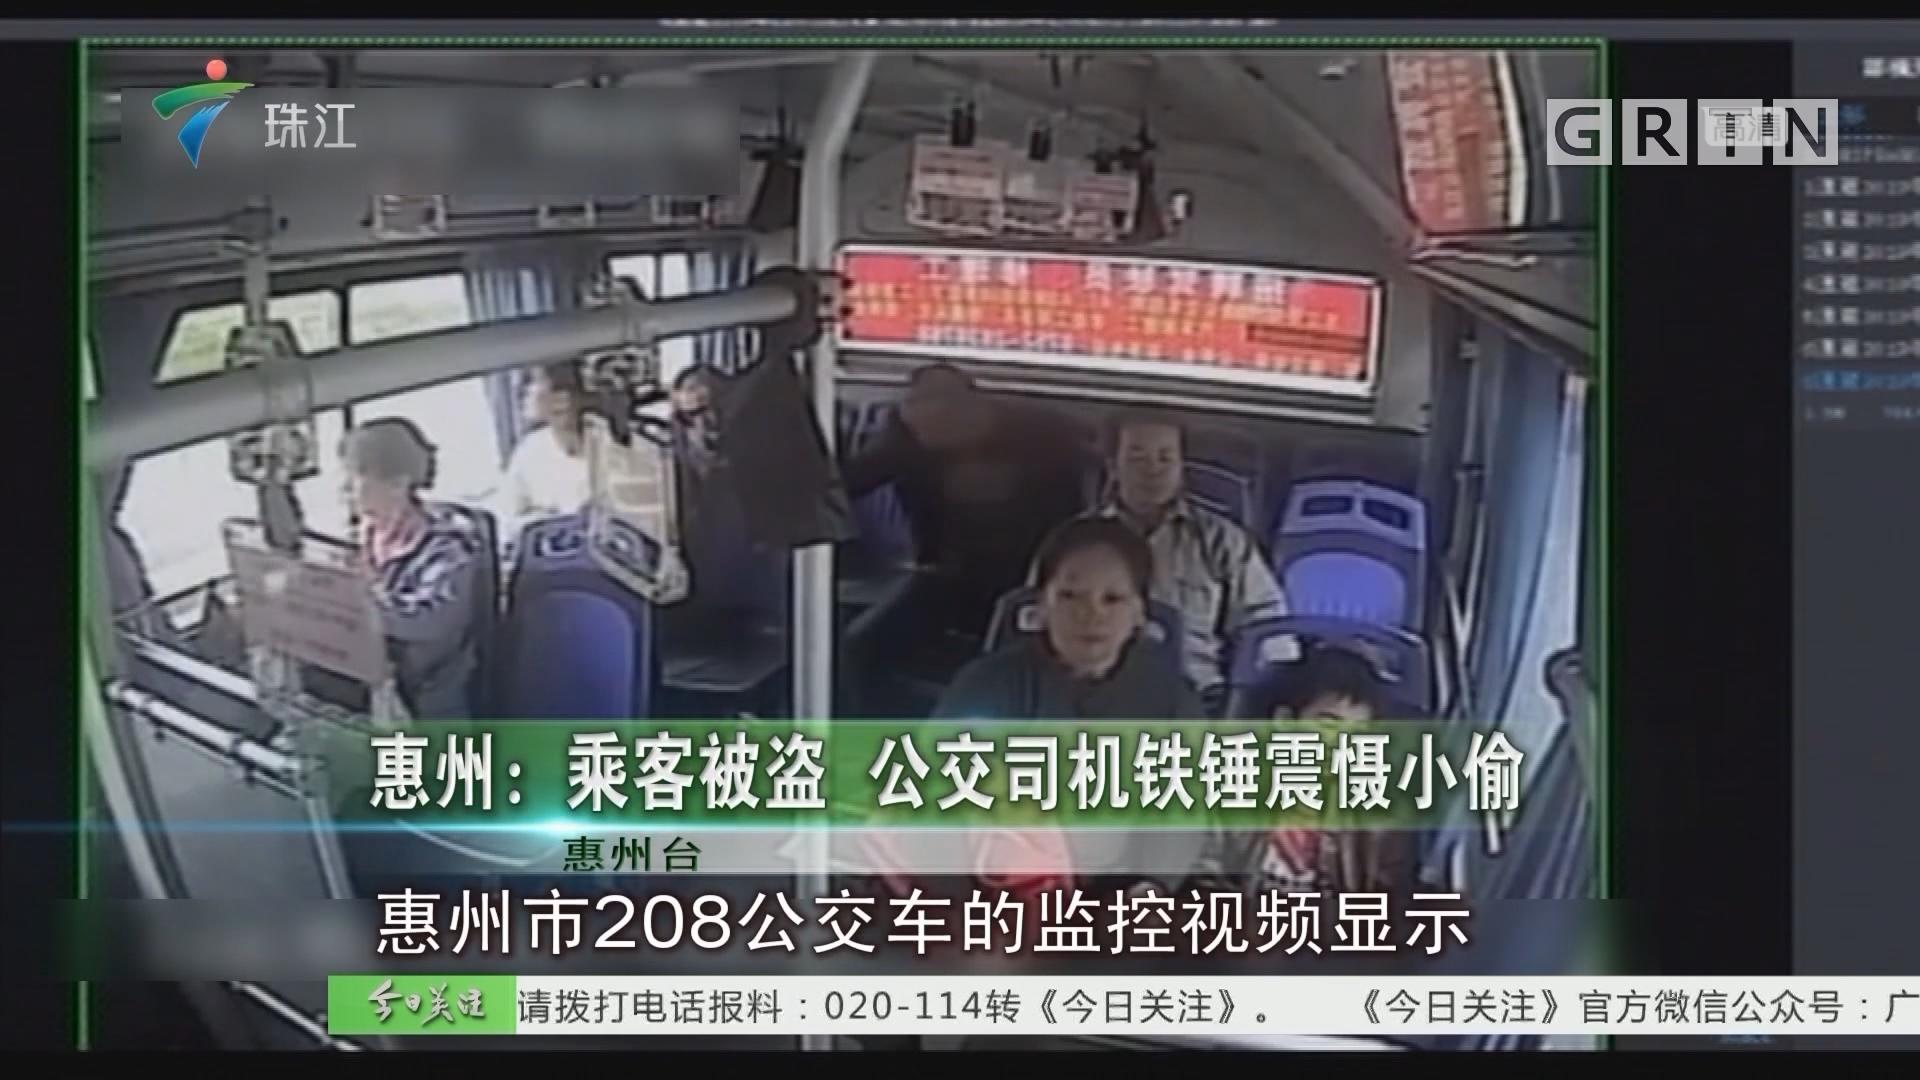 惠州:乘客被盗 公交司机铁锤震慑小偷